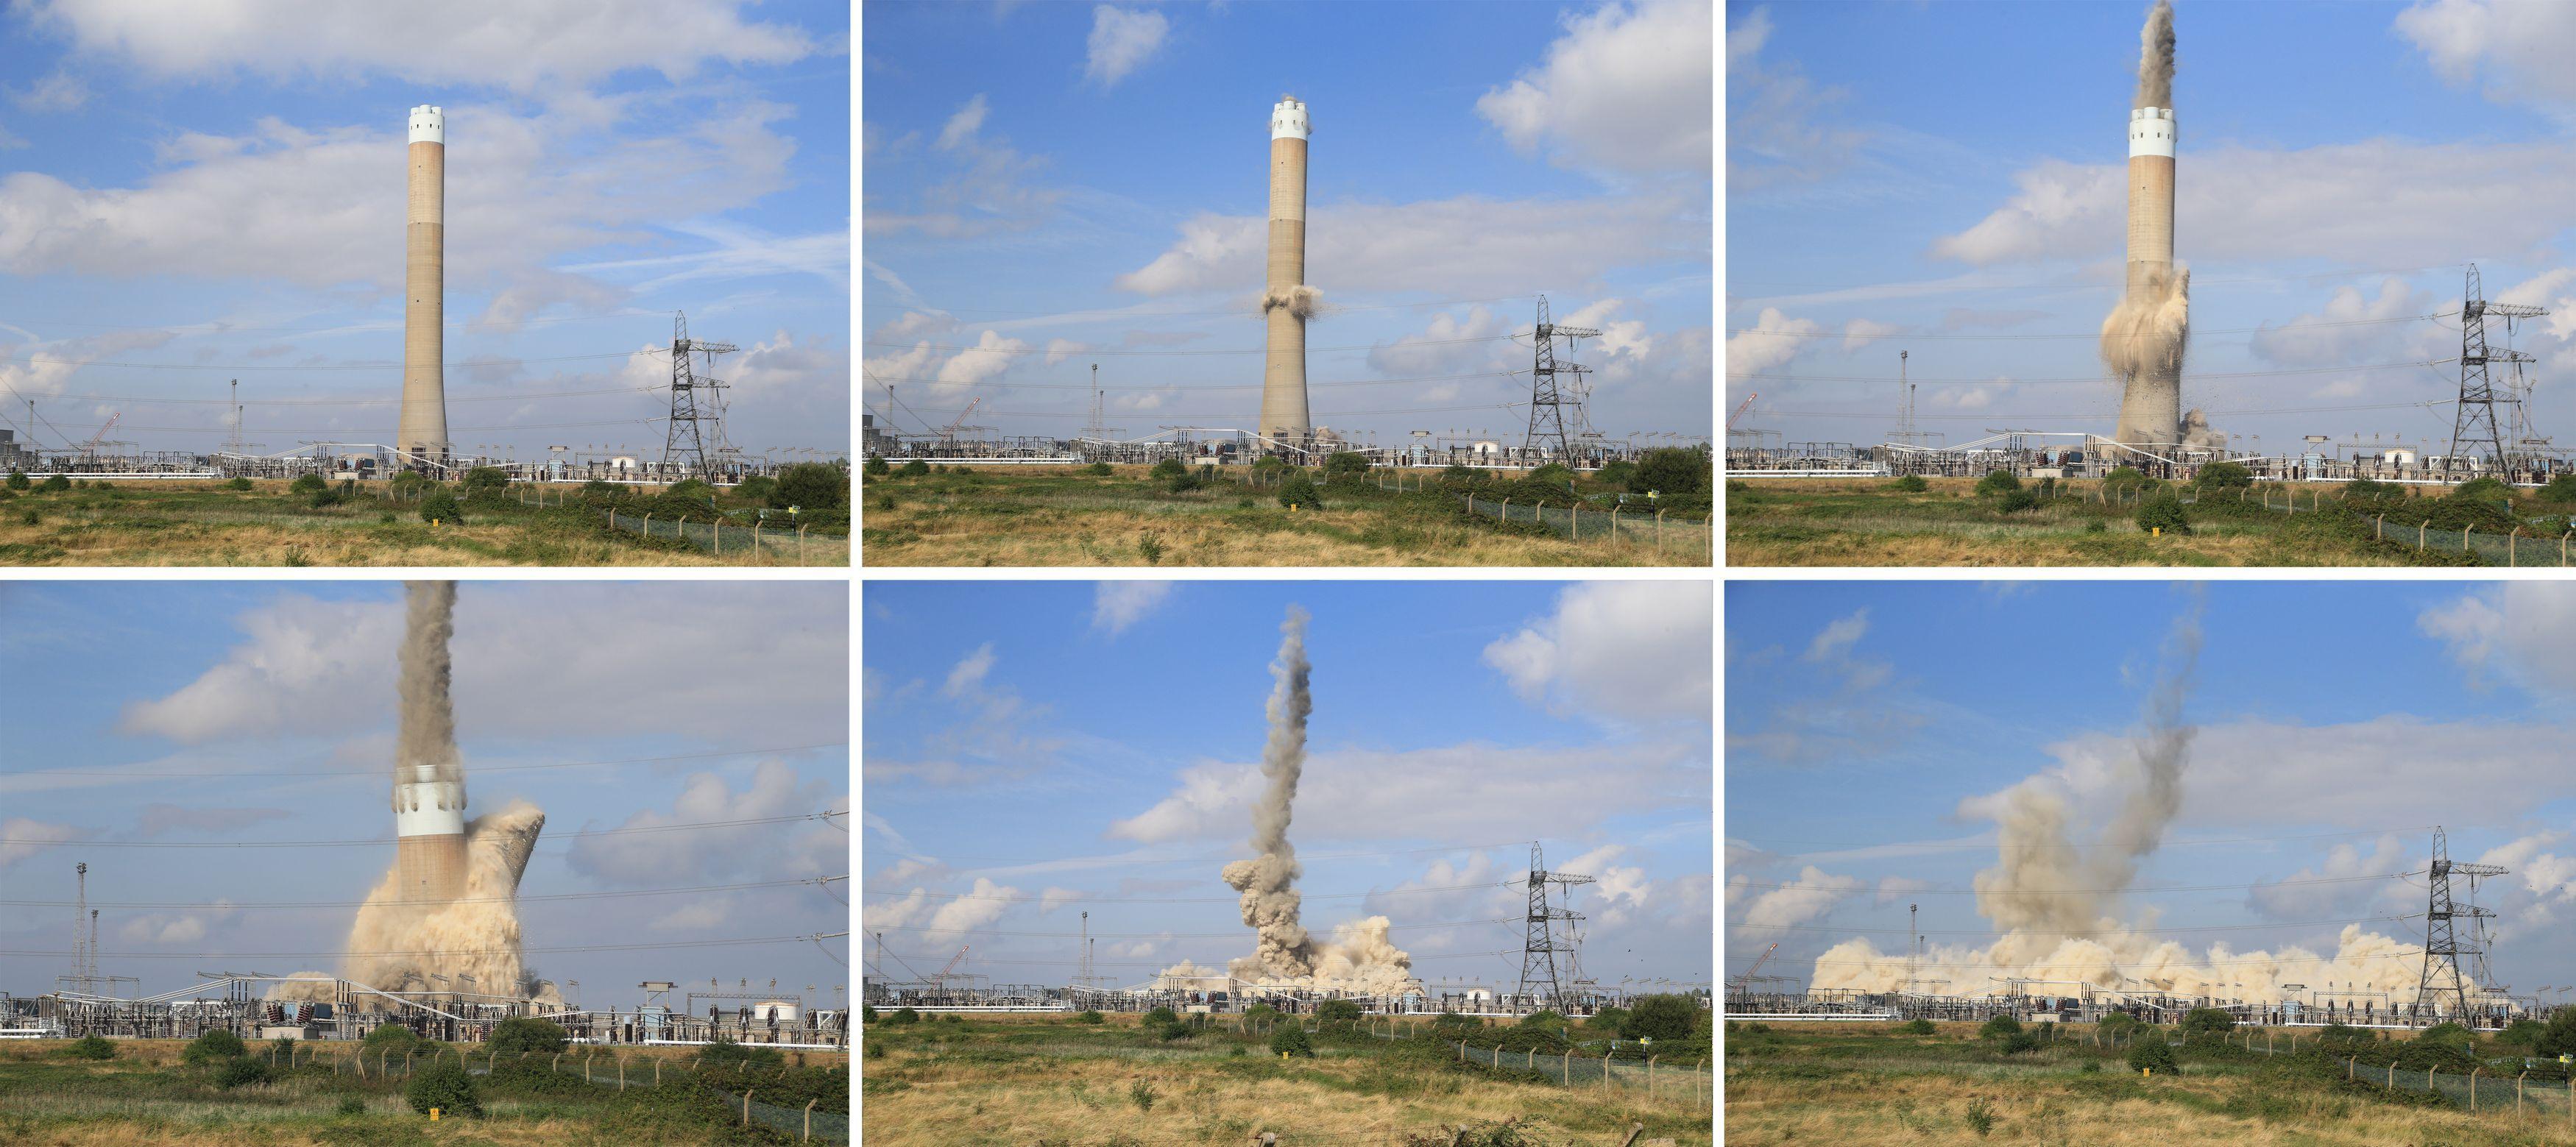 grain tower demolition